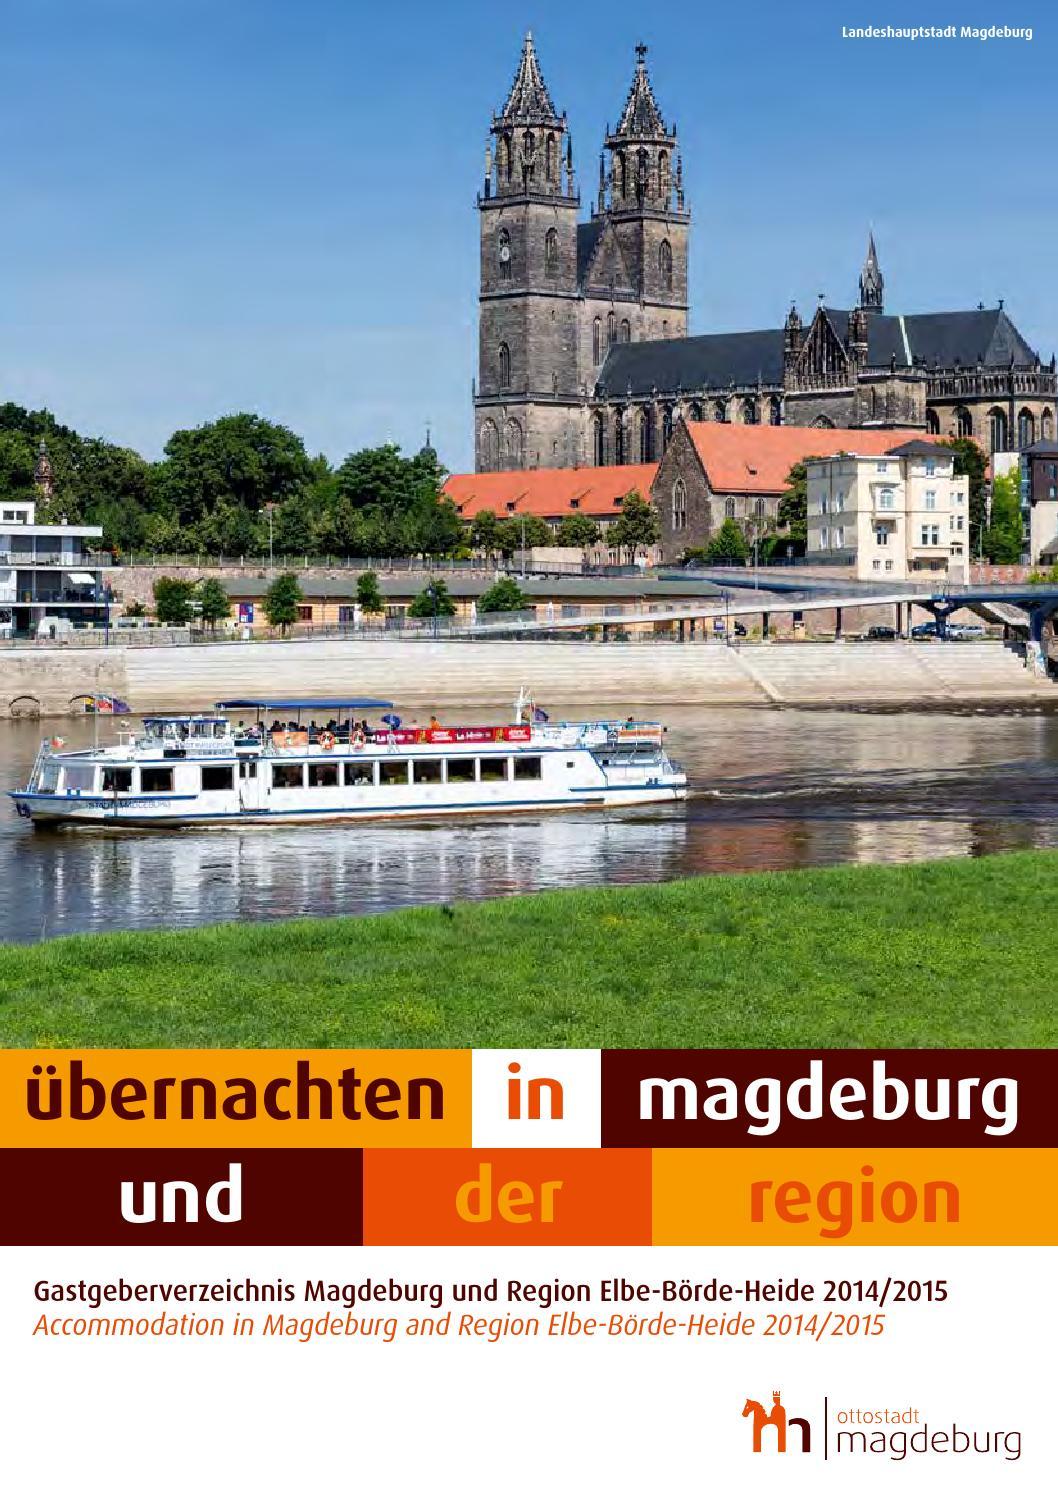 Gastgeberverzeichnis 2014/2015 by MMKT GmbH - issuu